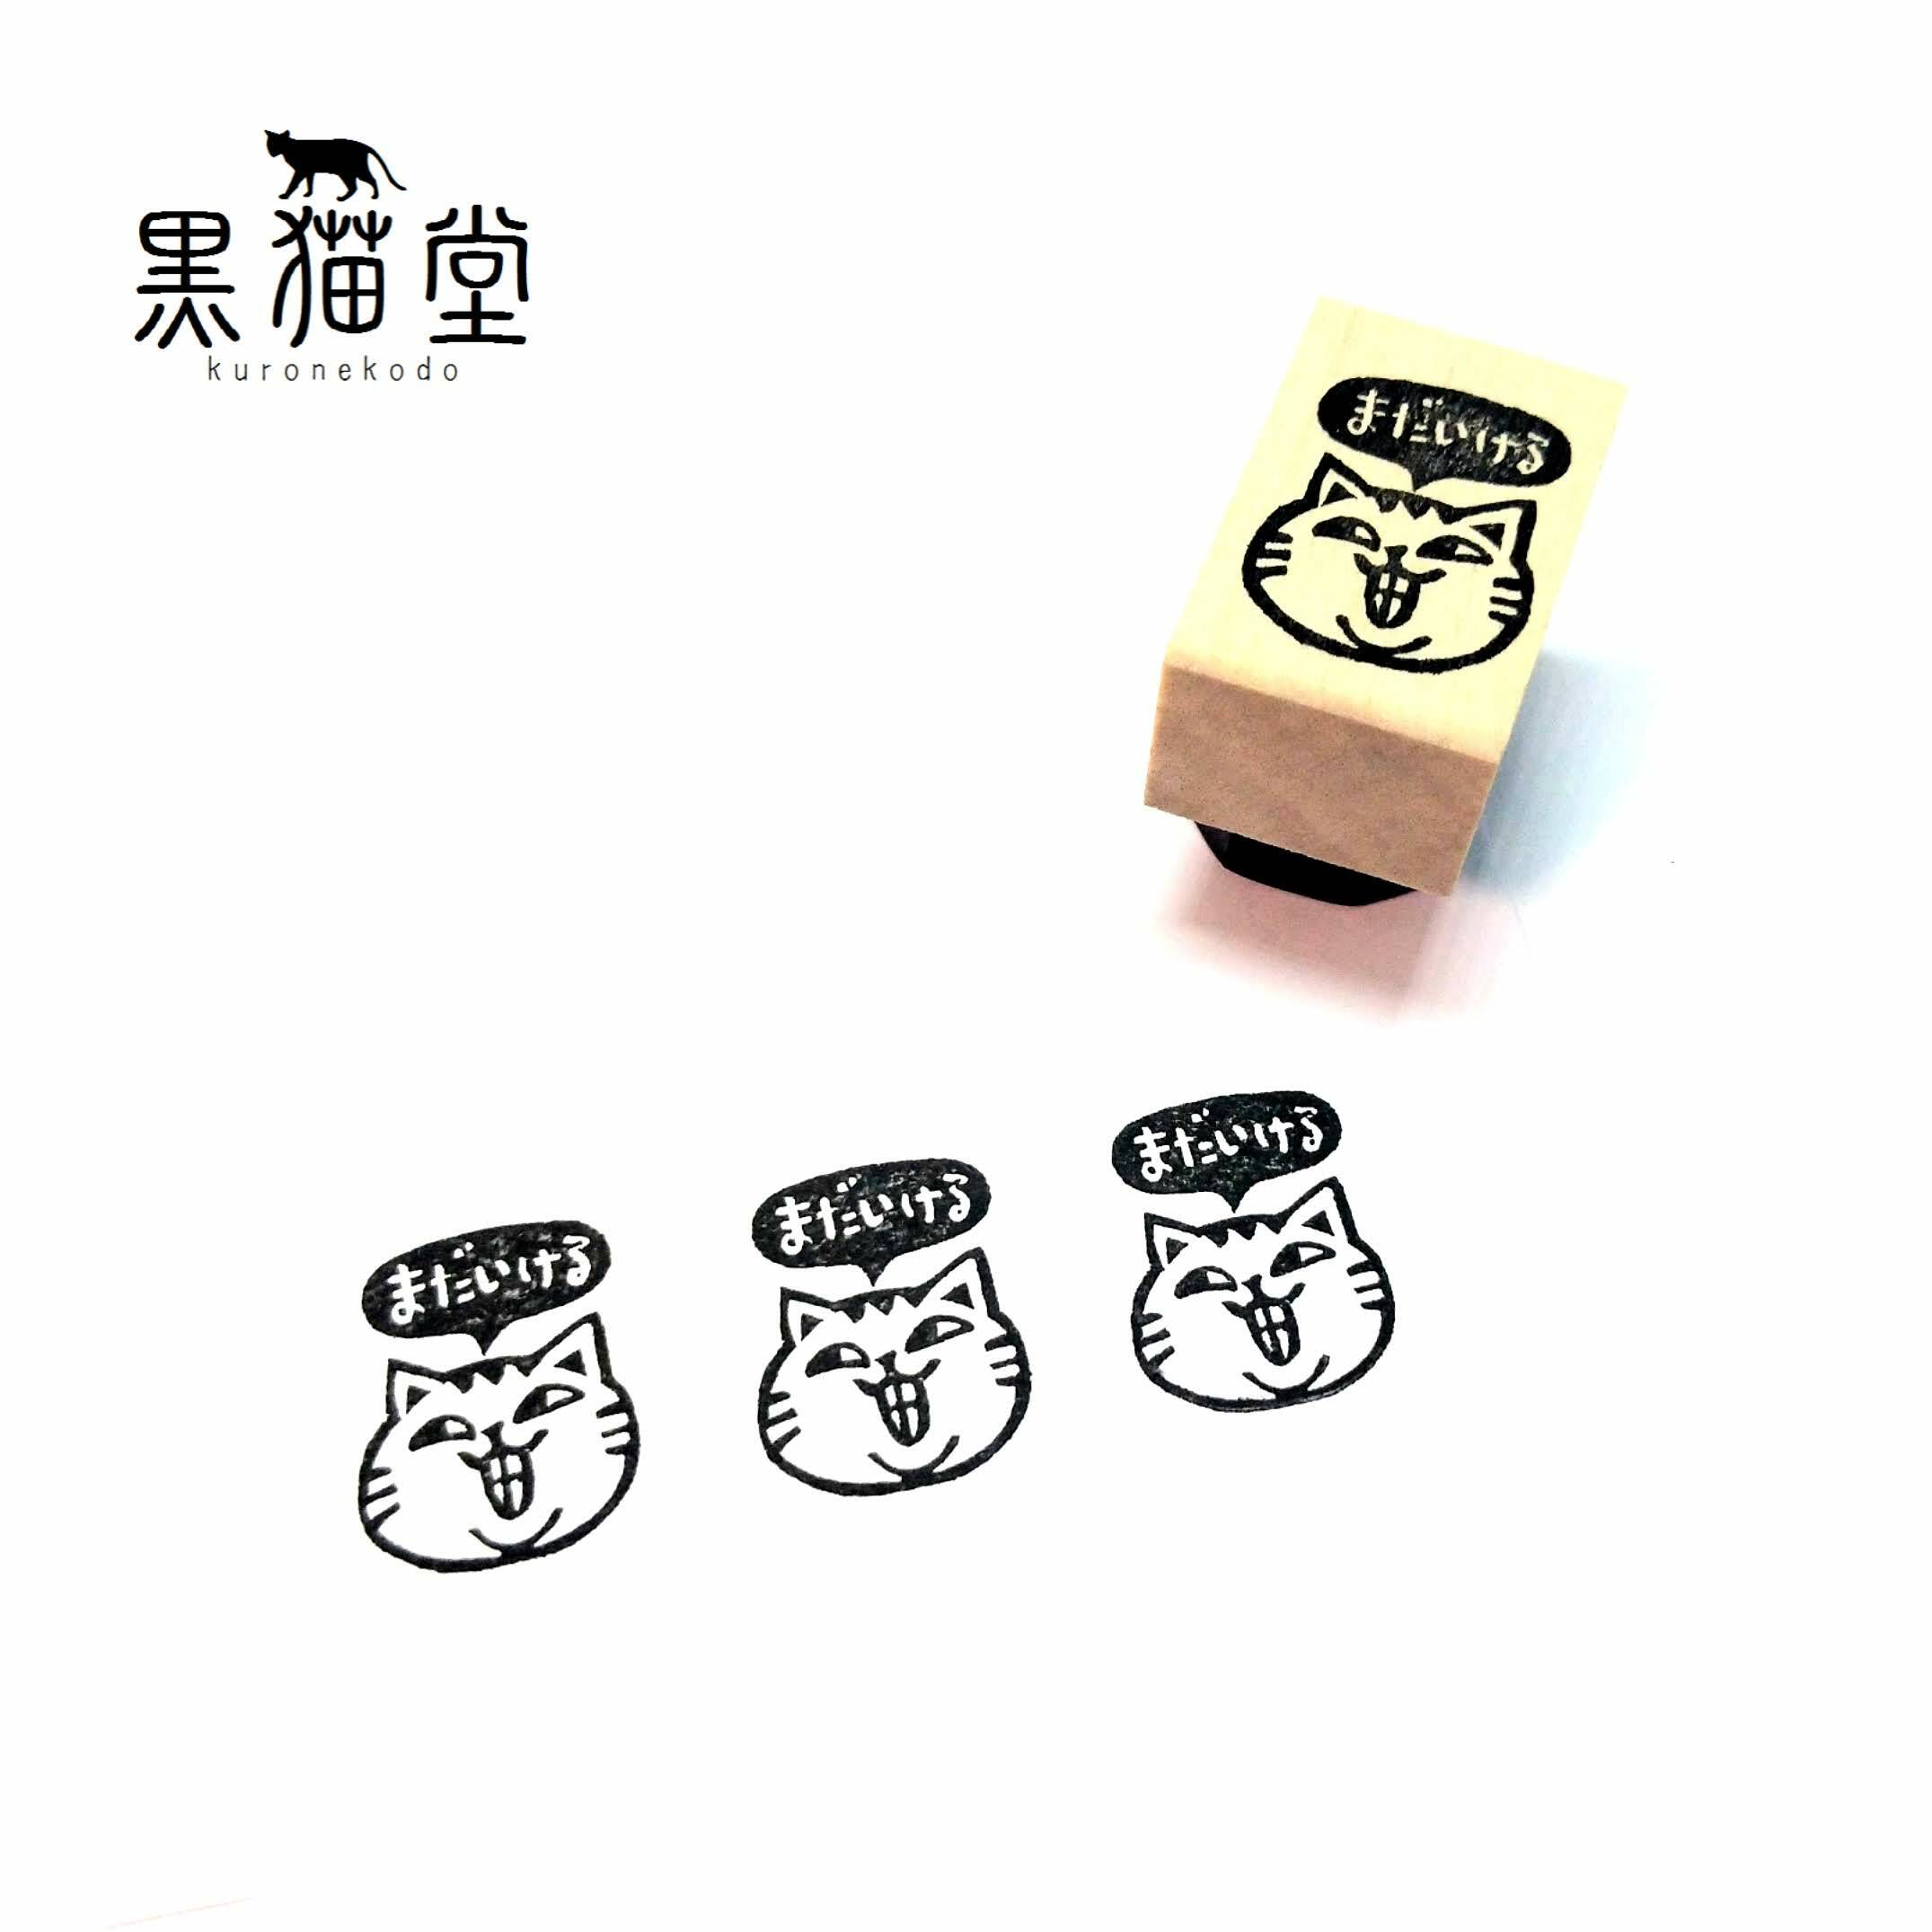 関西弁ネコ「まだいける」